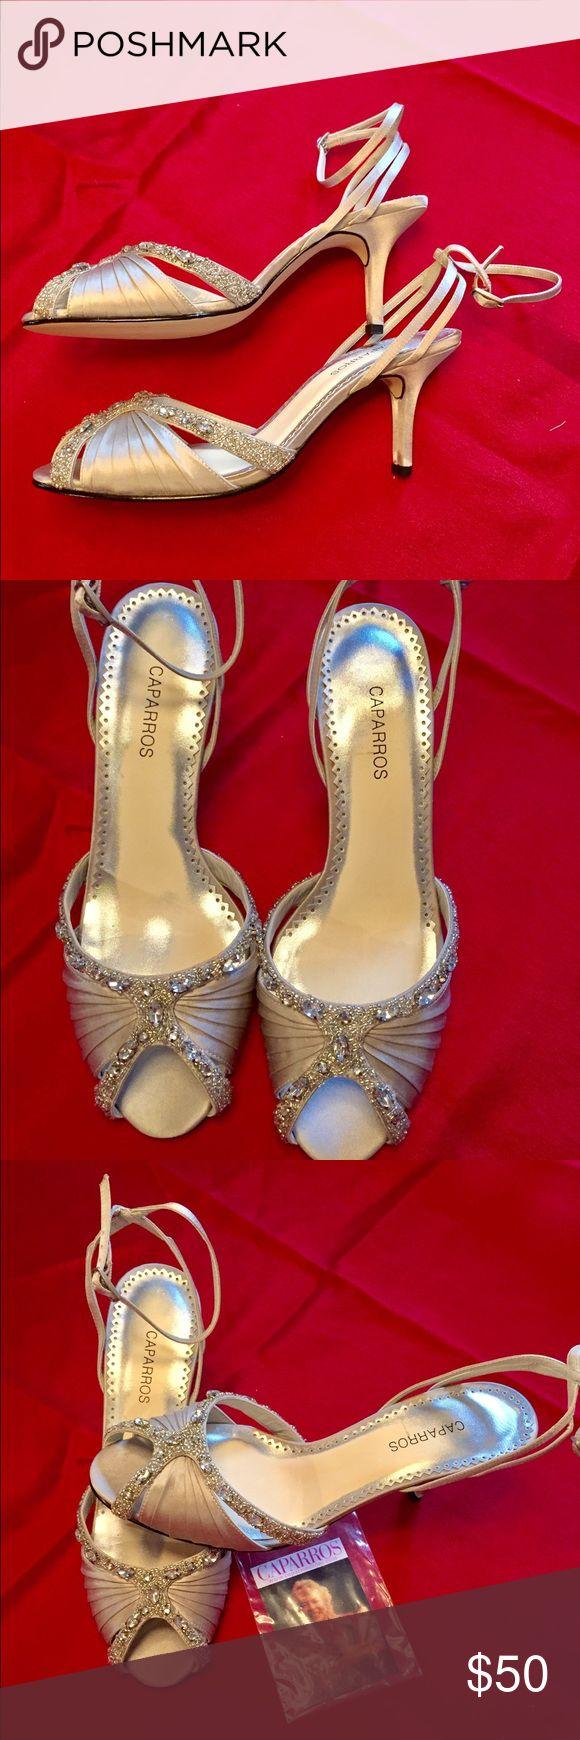 Gorgeous Caparros Sandals ❤❤ Beautiful Silver Sparkly Sandals from Caparros. Like New! Caparros Shoes Sandals